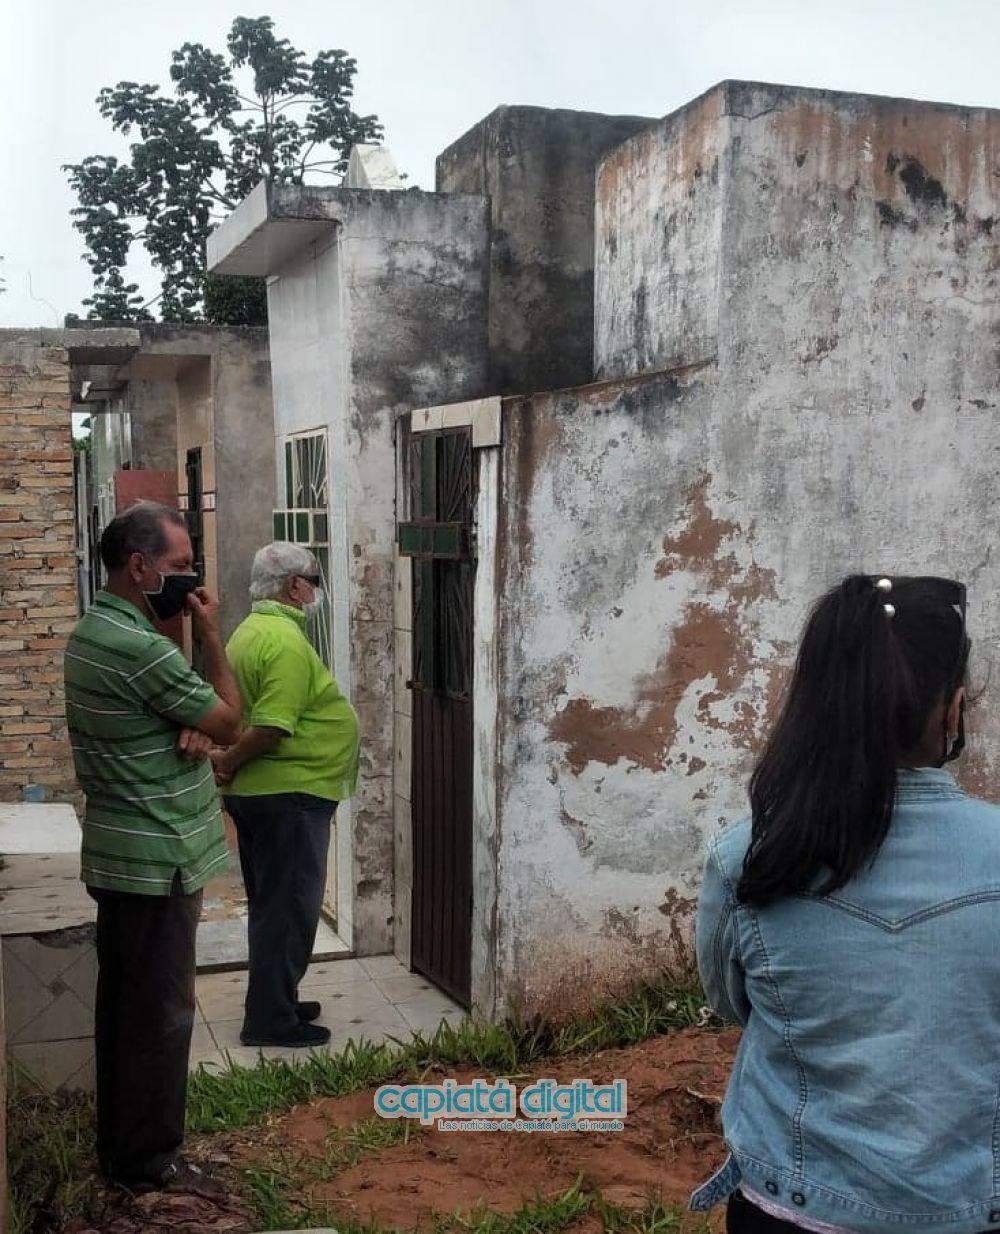 Floripón, aplaudido y reconocido en todo el país, menos por las autoridades de Capiatá